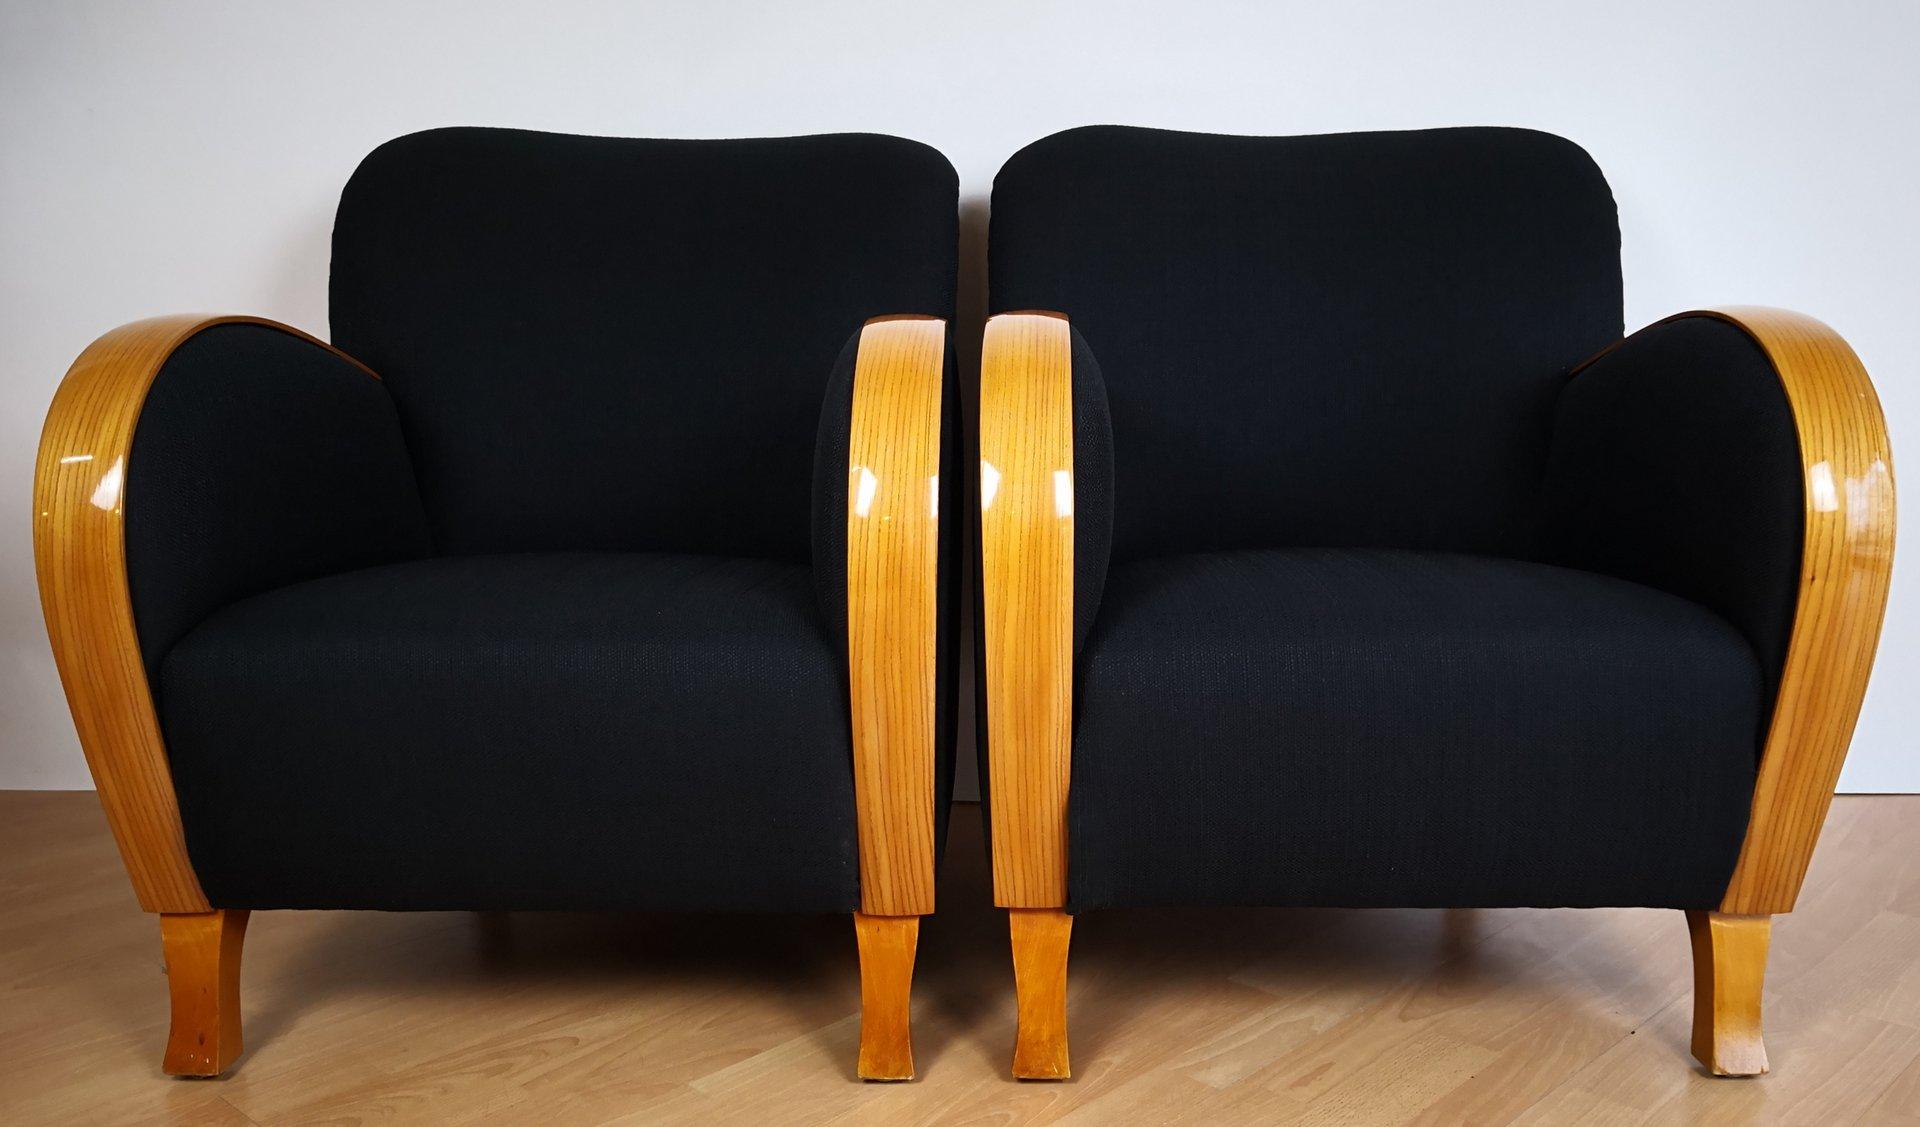 art deco sessel aus kirschholz 1940er 2er set schmiede uwe beer. Black Bedroom Furniture Sets. Home Design Ideas